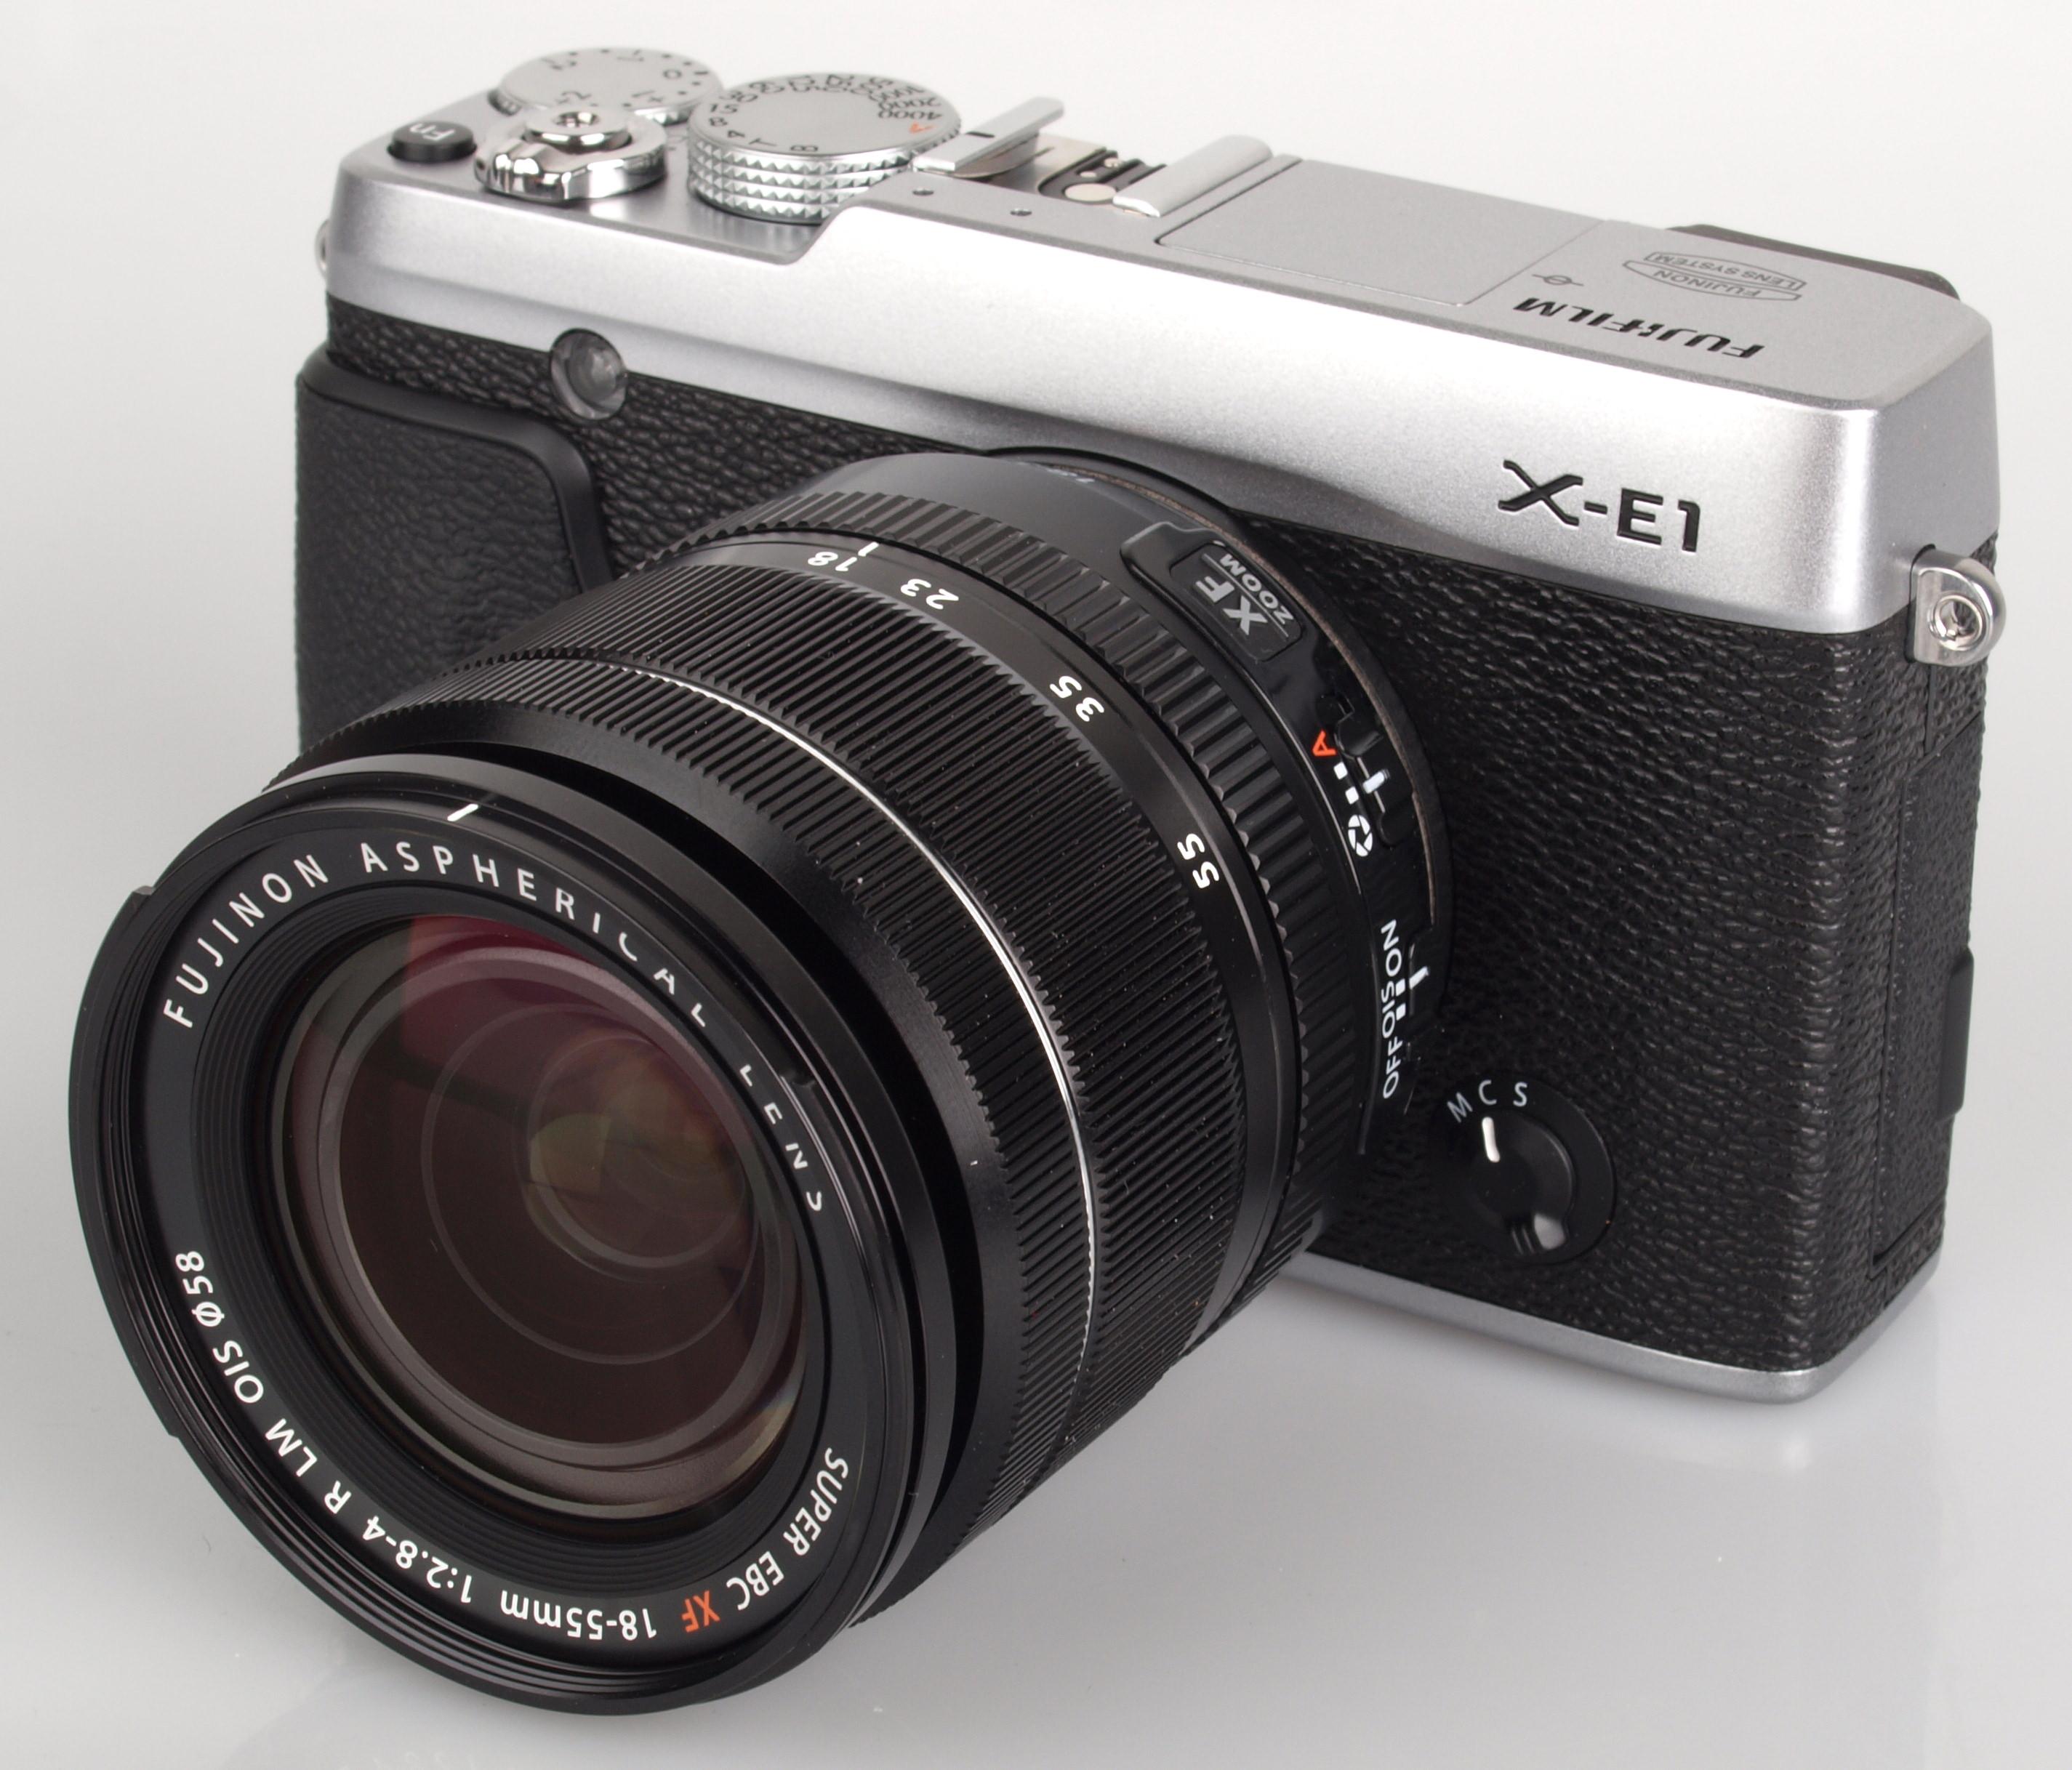 Fujifilm X-E1 Sample Photos